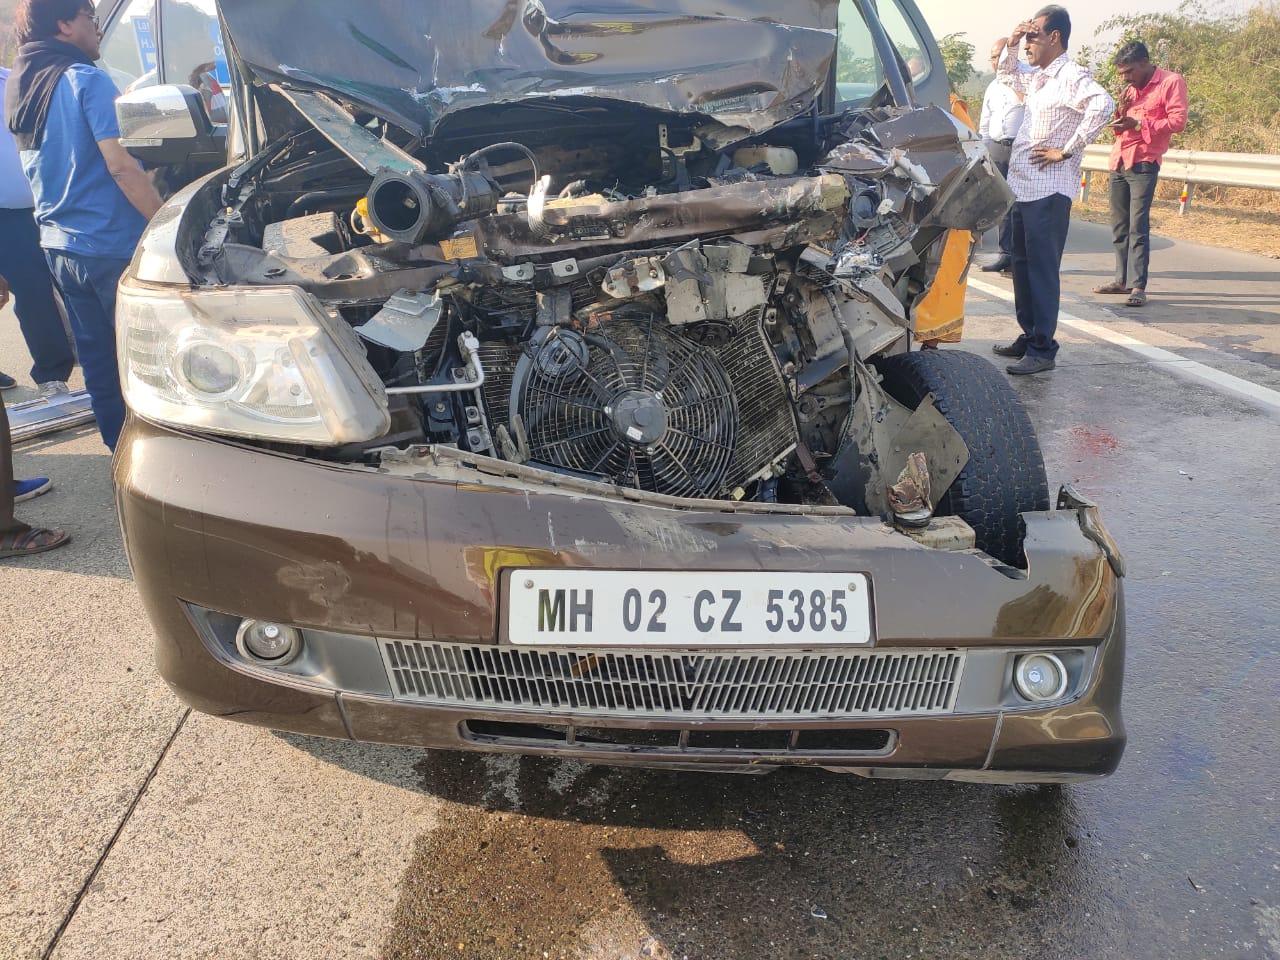 शबाना आजमी सड़क दुर्घटना में घायल, हालत गंभीर